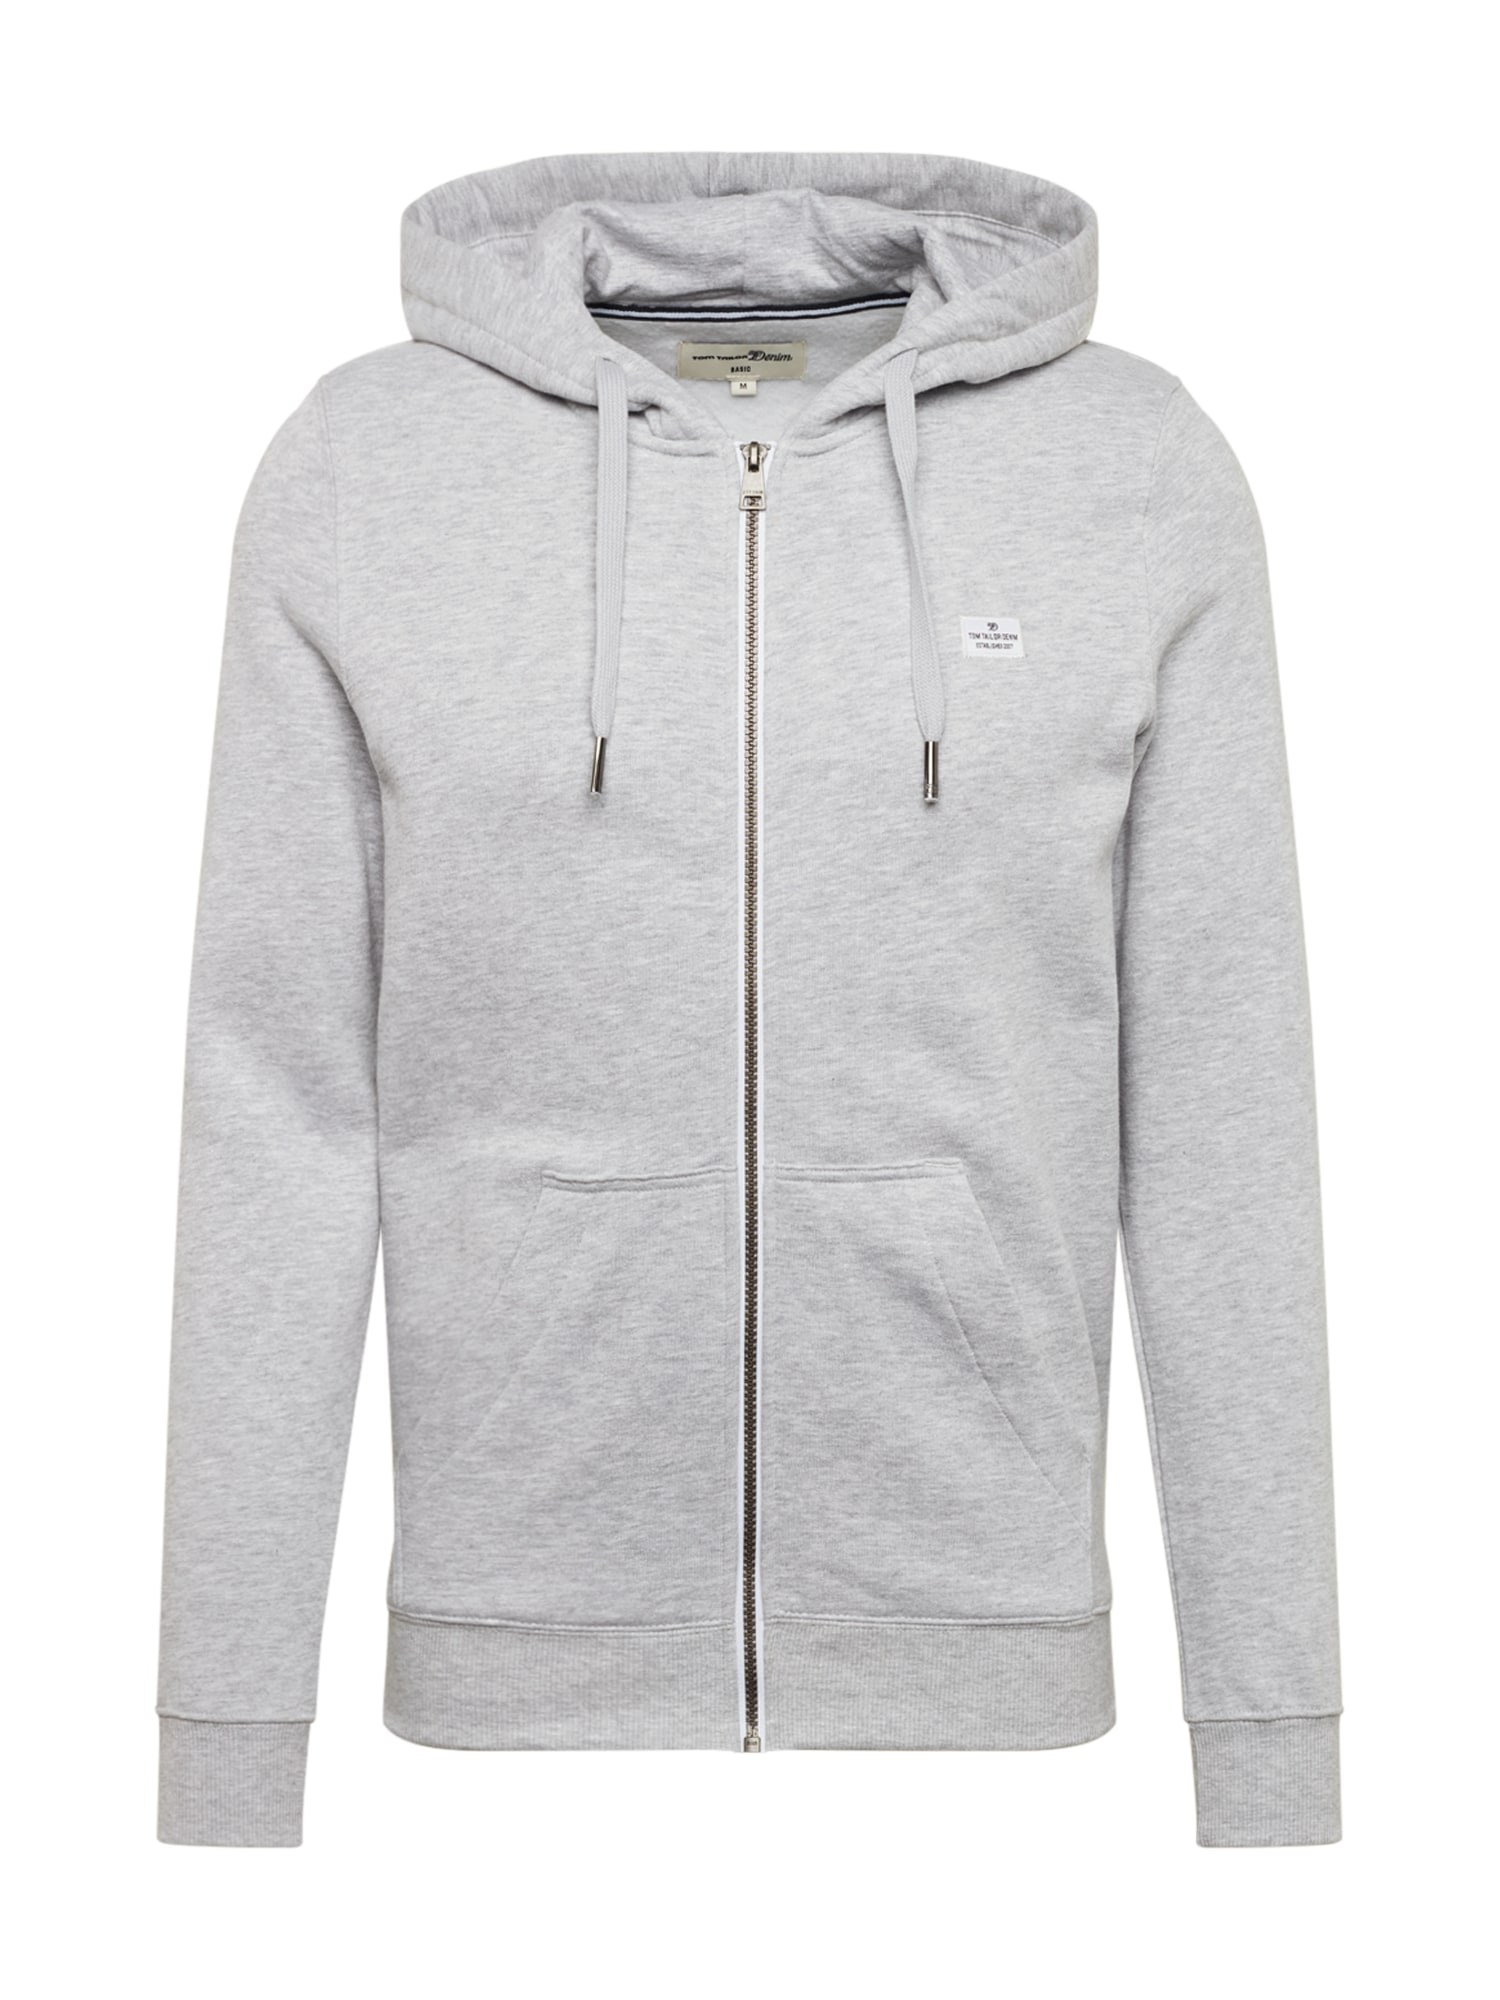 TOM TAILOR DENIM Mikina s kapucí 'hoodie jacket'  světle šedá